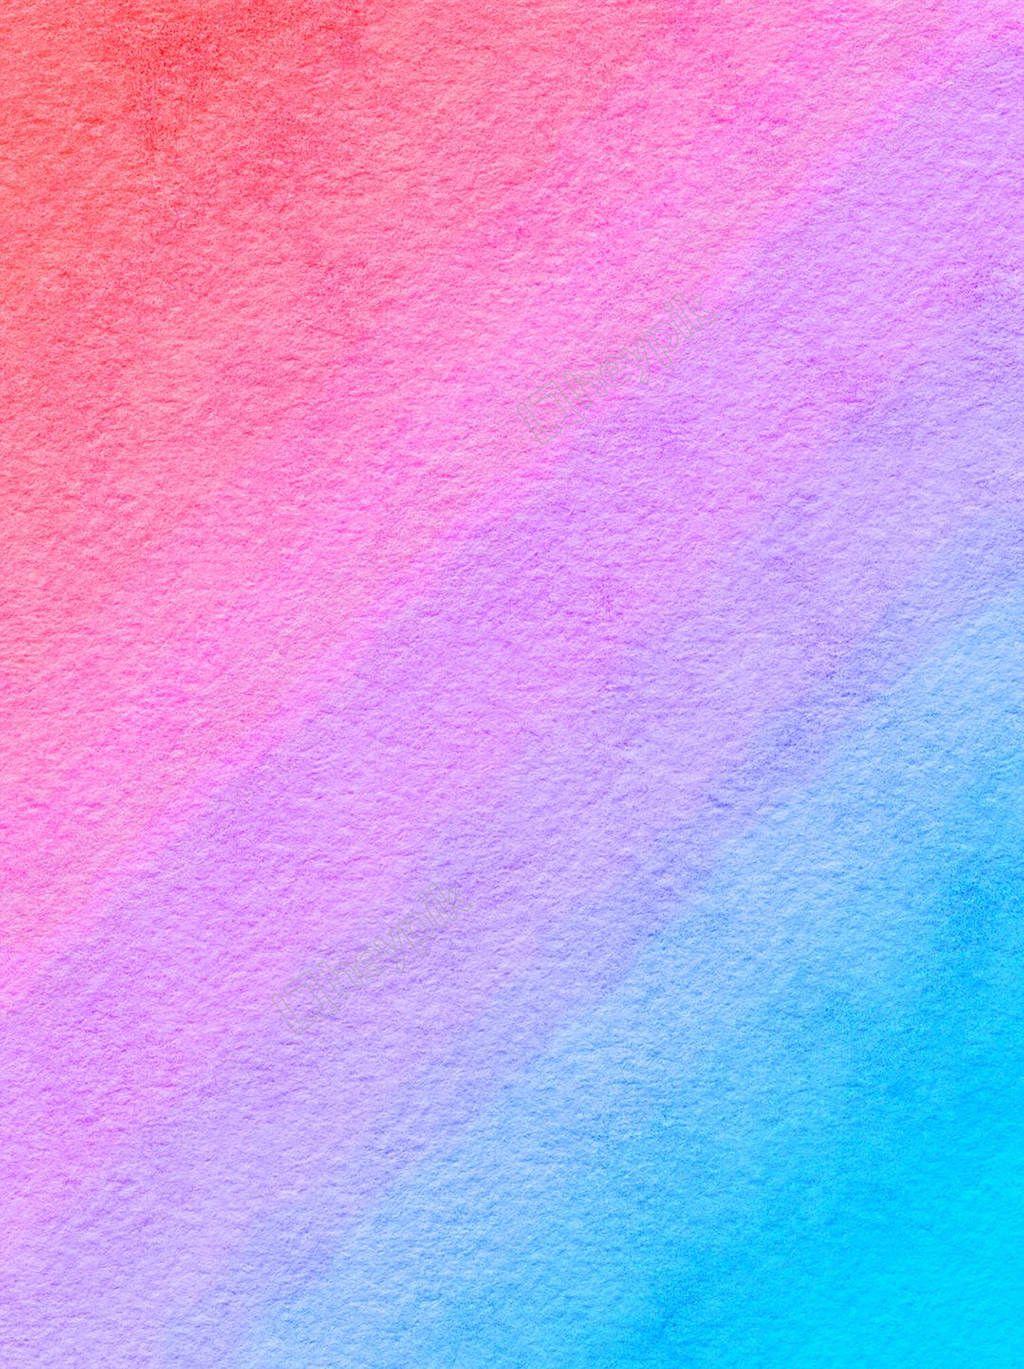 Original Watercolor Texture Gradient Background Texture Gradient